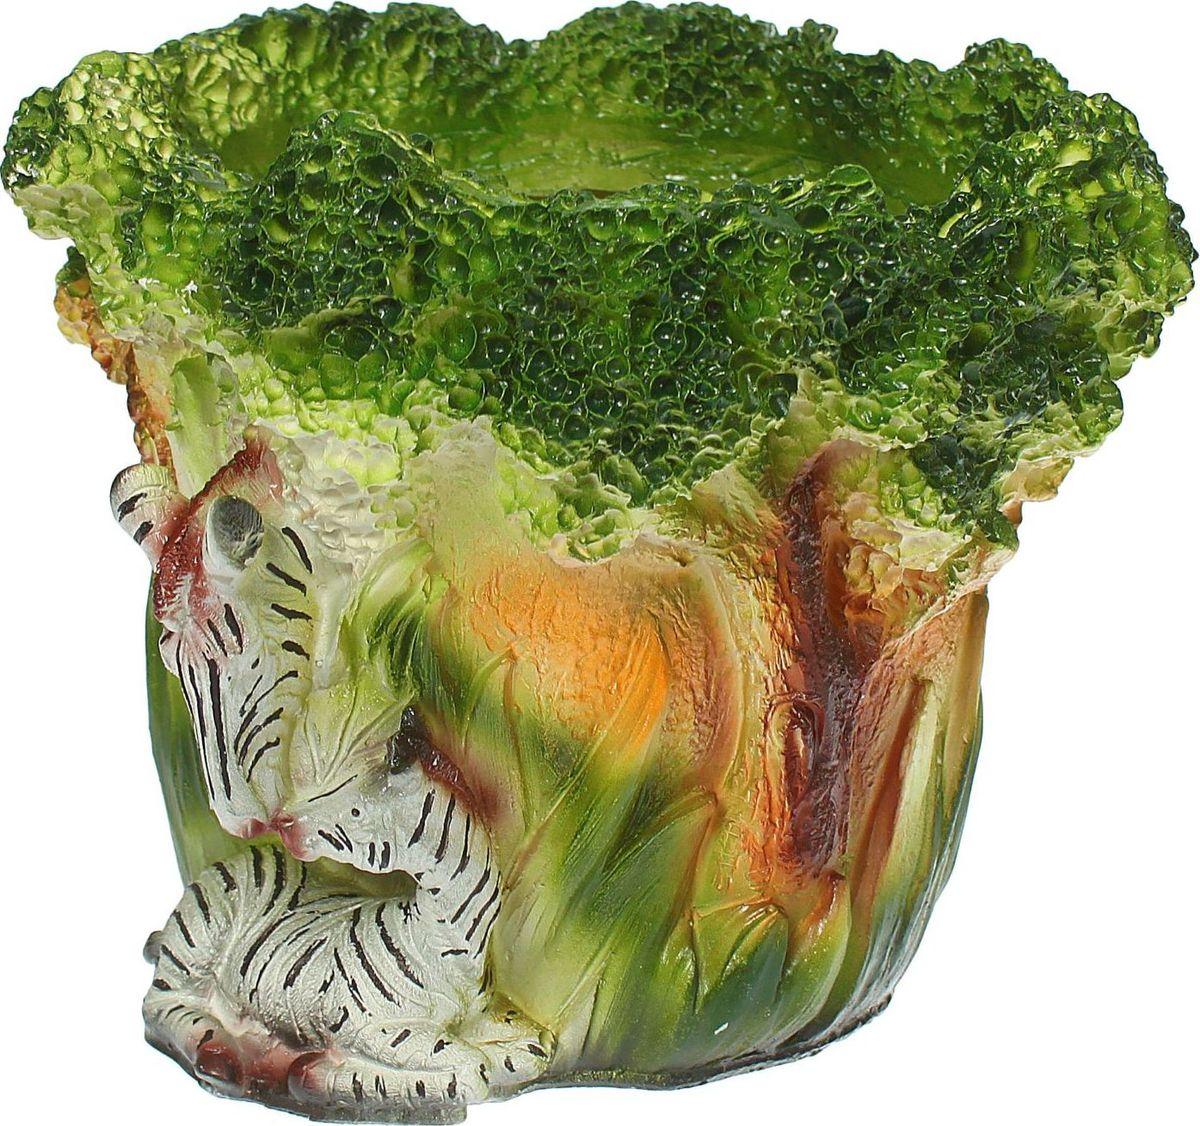 Кашпо Две зебры, 21 х 20 х 17 см1333674Комнатные растения — всеобщие любимцы. Они радуют глаз, насыщают помещение кислородом и украшают пространство. Каждому из растений необходим свой удобный и красивый дом. Поселите зелёного питомца в яркое и оригинальное фигурное кашпо. Выберите подходящую форму для детской, спальни, гостиной, балкона, офиса или террасы. #name# позаботится о растении, украсит окружающее пространство и подчеркнёт его оригинальный стиль.